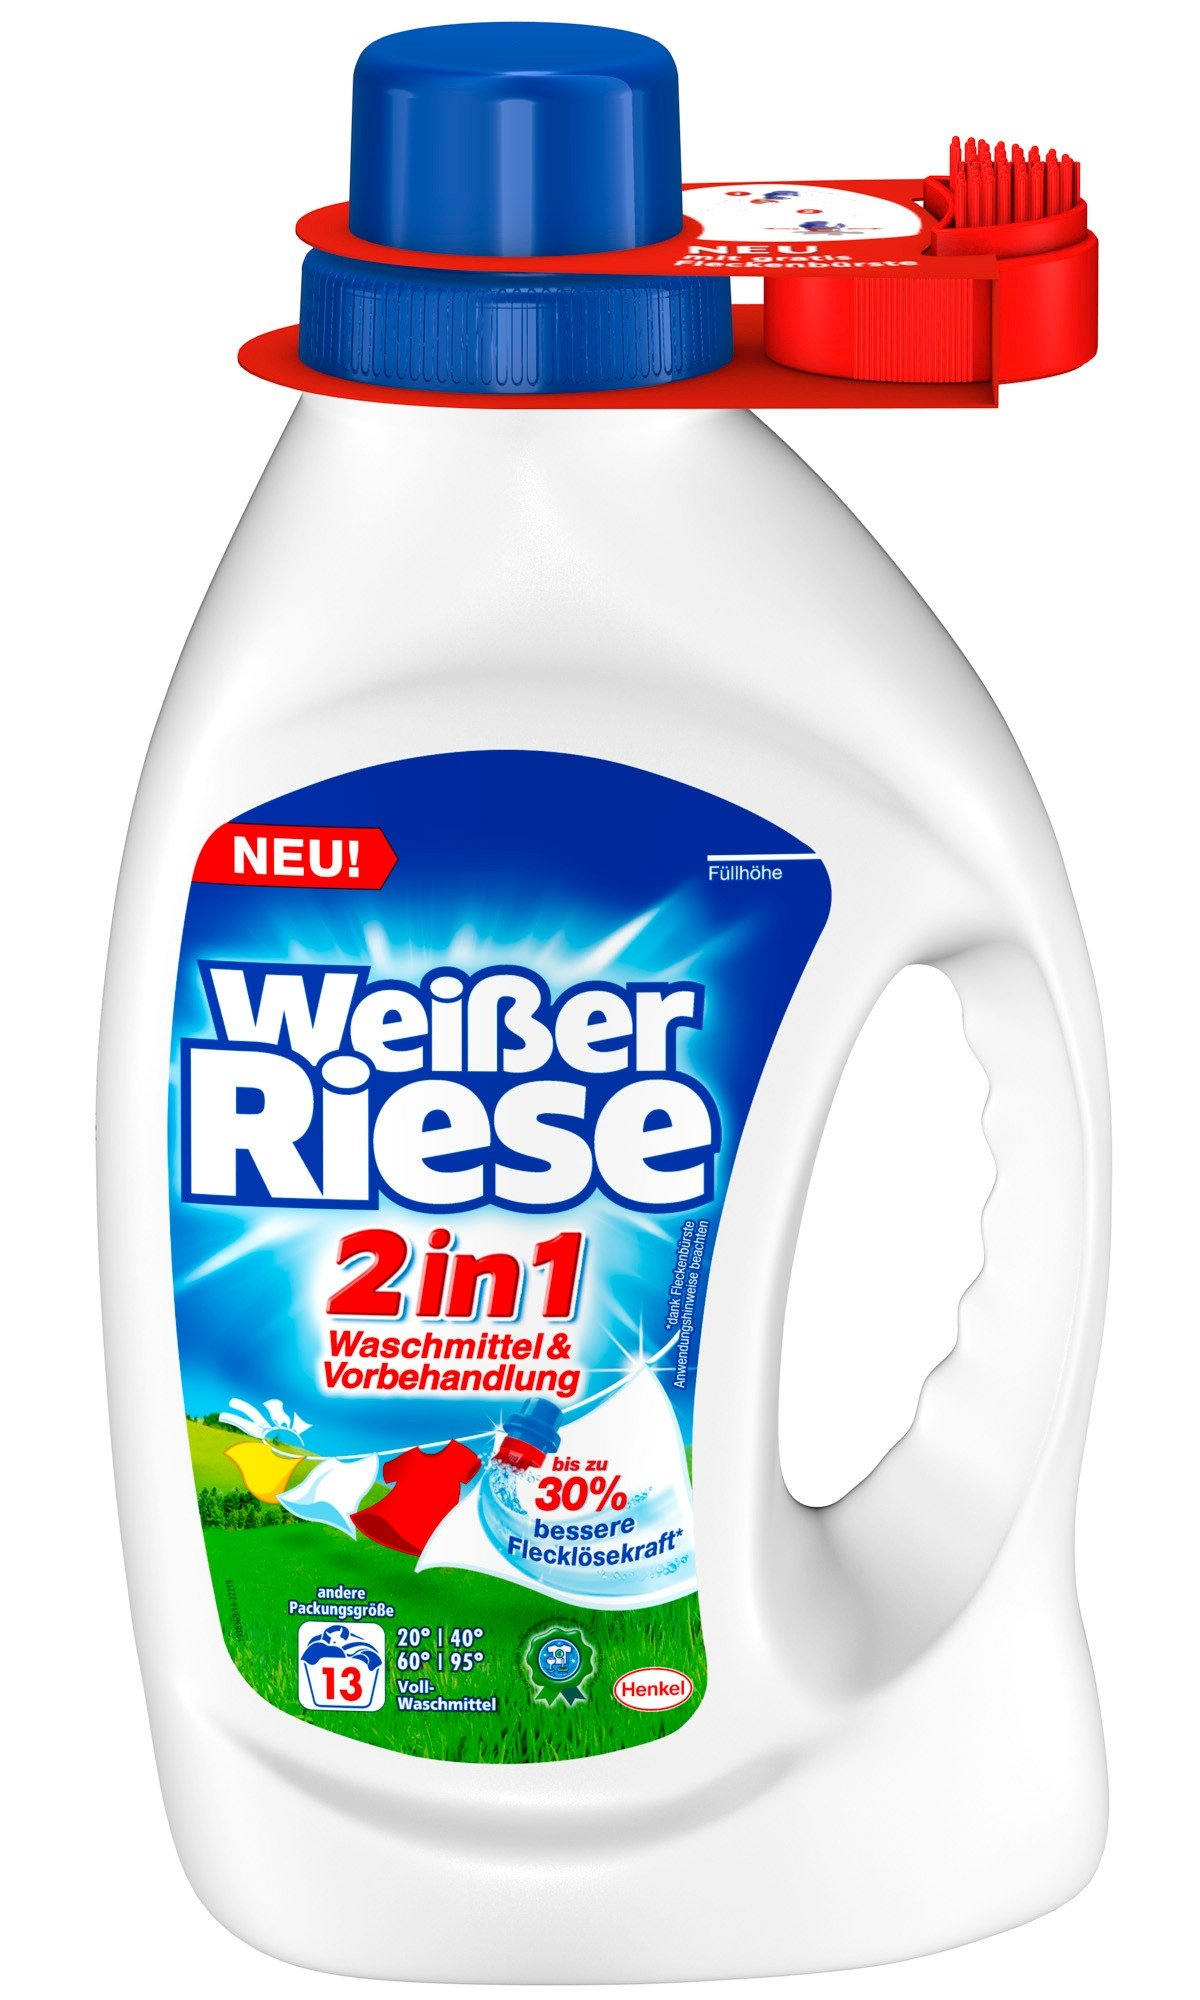 Weißer Riese 2in1 Waschmittel & Vorbehandlung